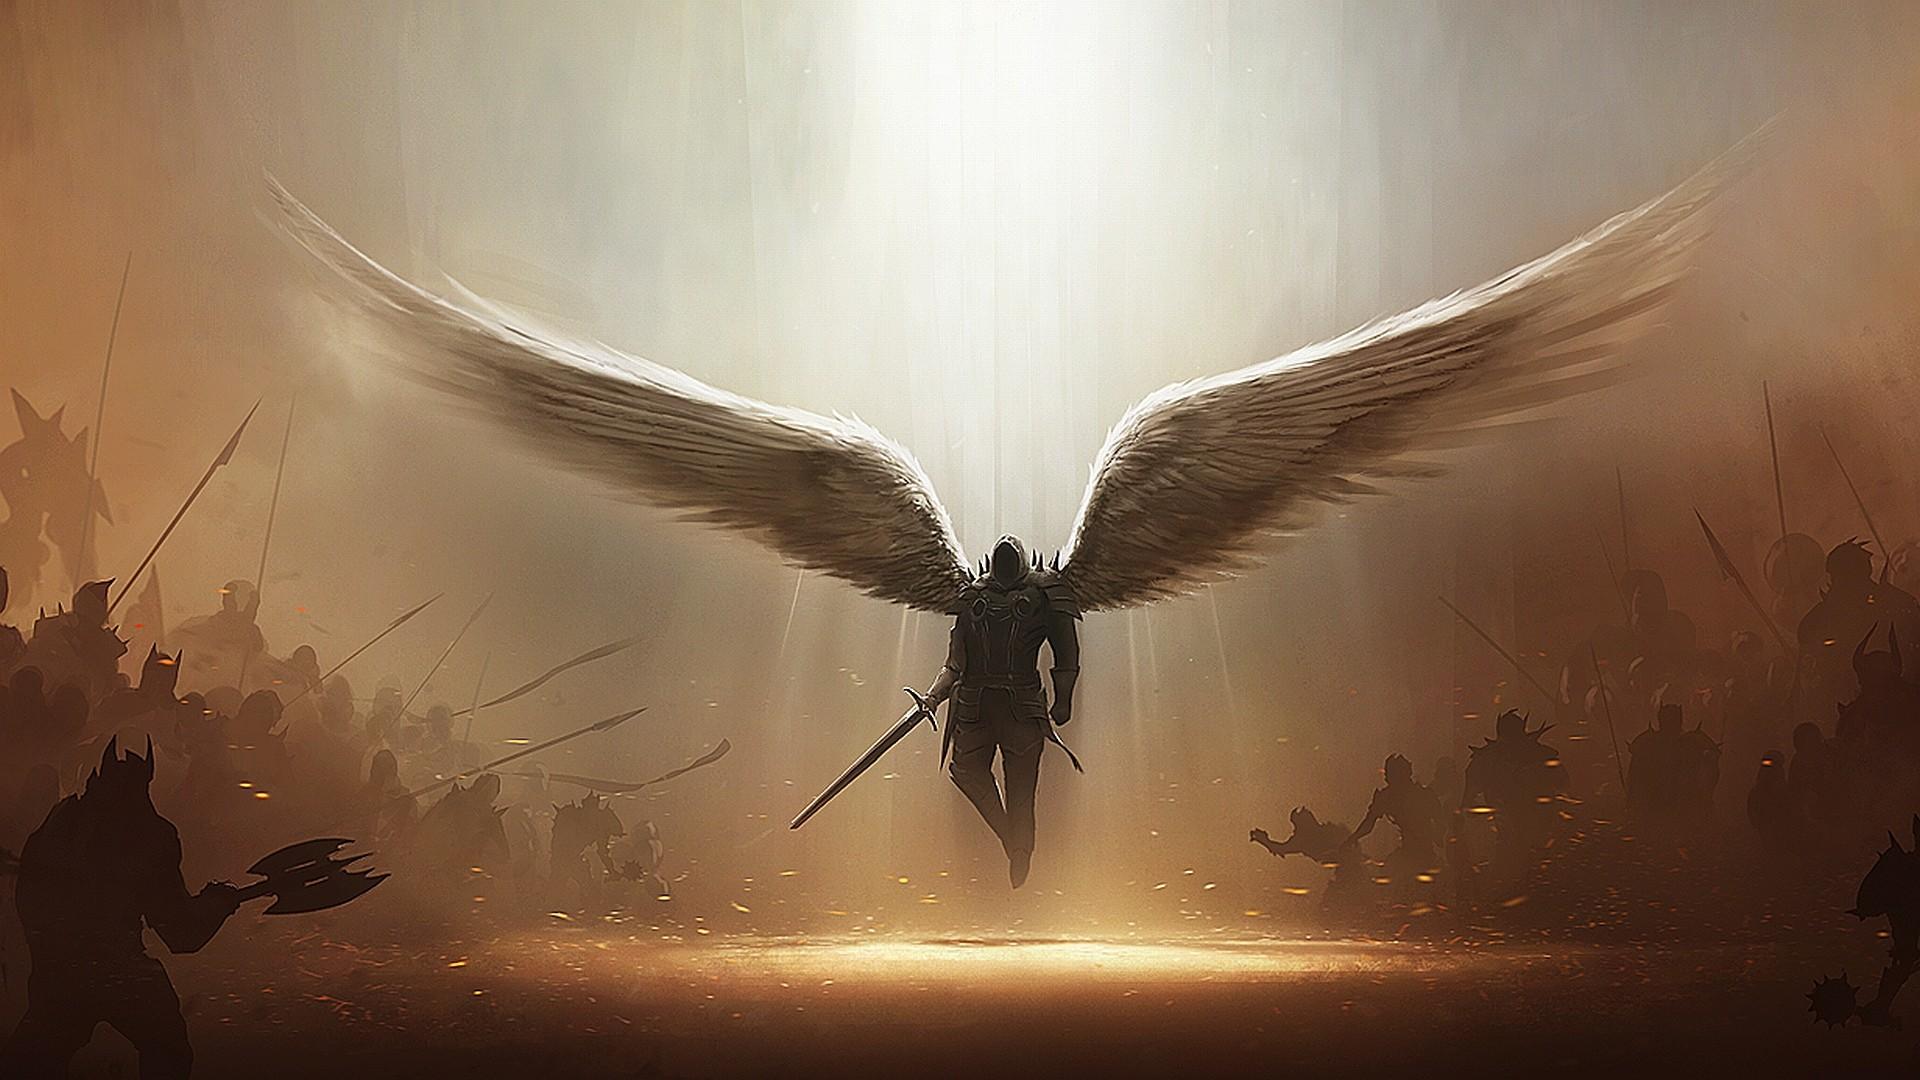 free wallpaper for desktop of angels   wwwwallpapers in hdcom 1920x1080